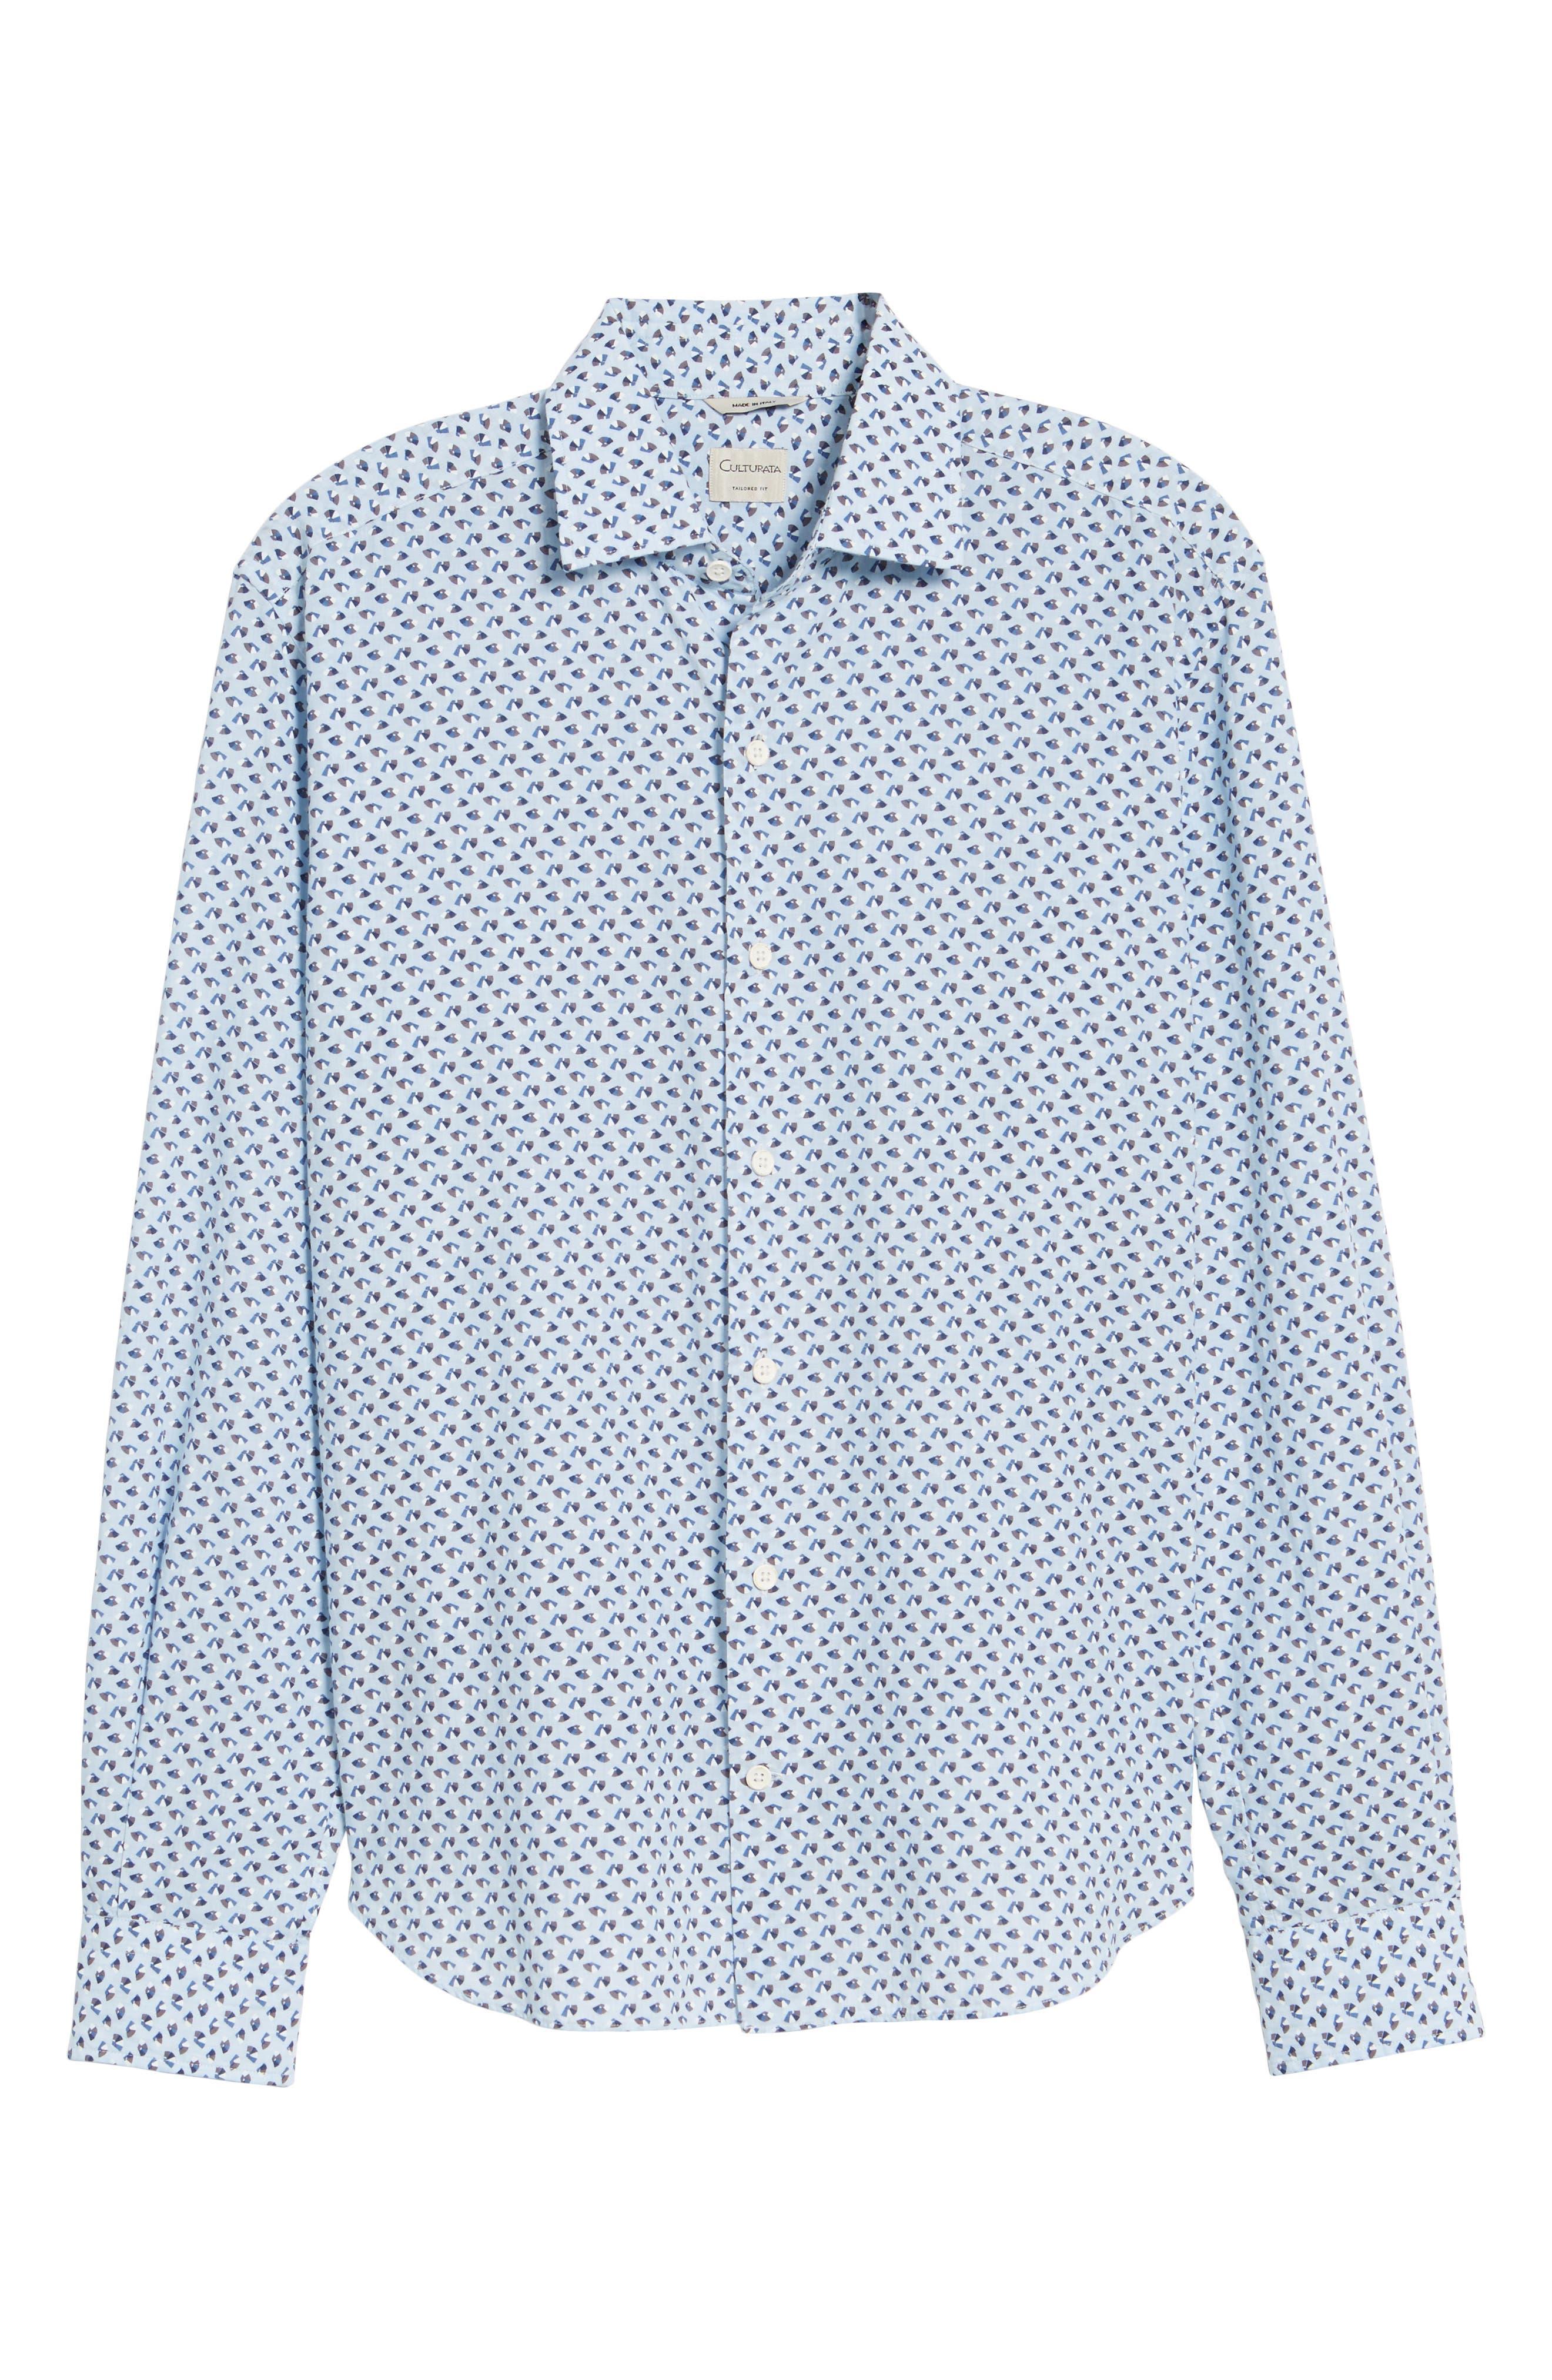 Slim Fit Print Cotton & Linen Sport Shirt,                             Alternate thumbnail 6, color,                             400